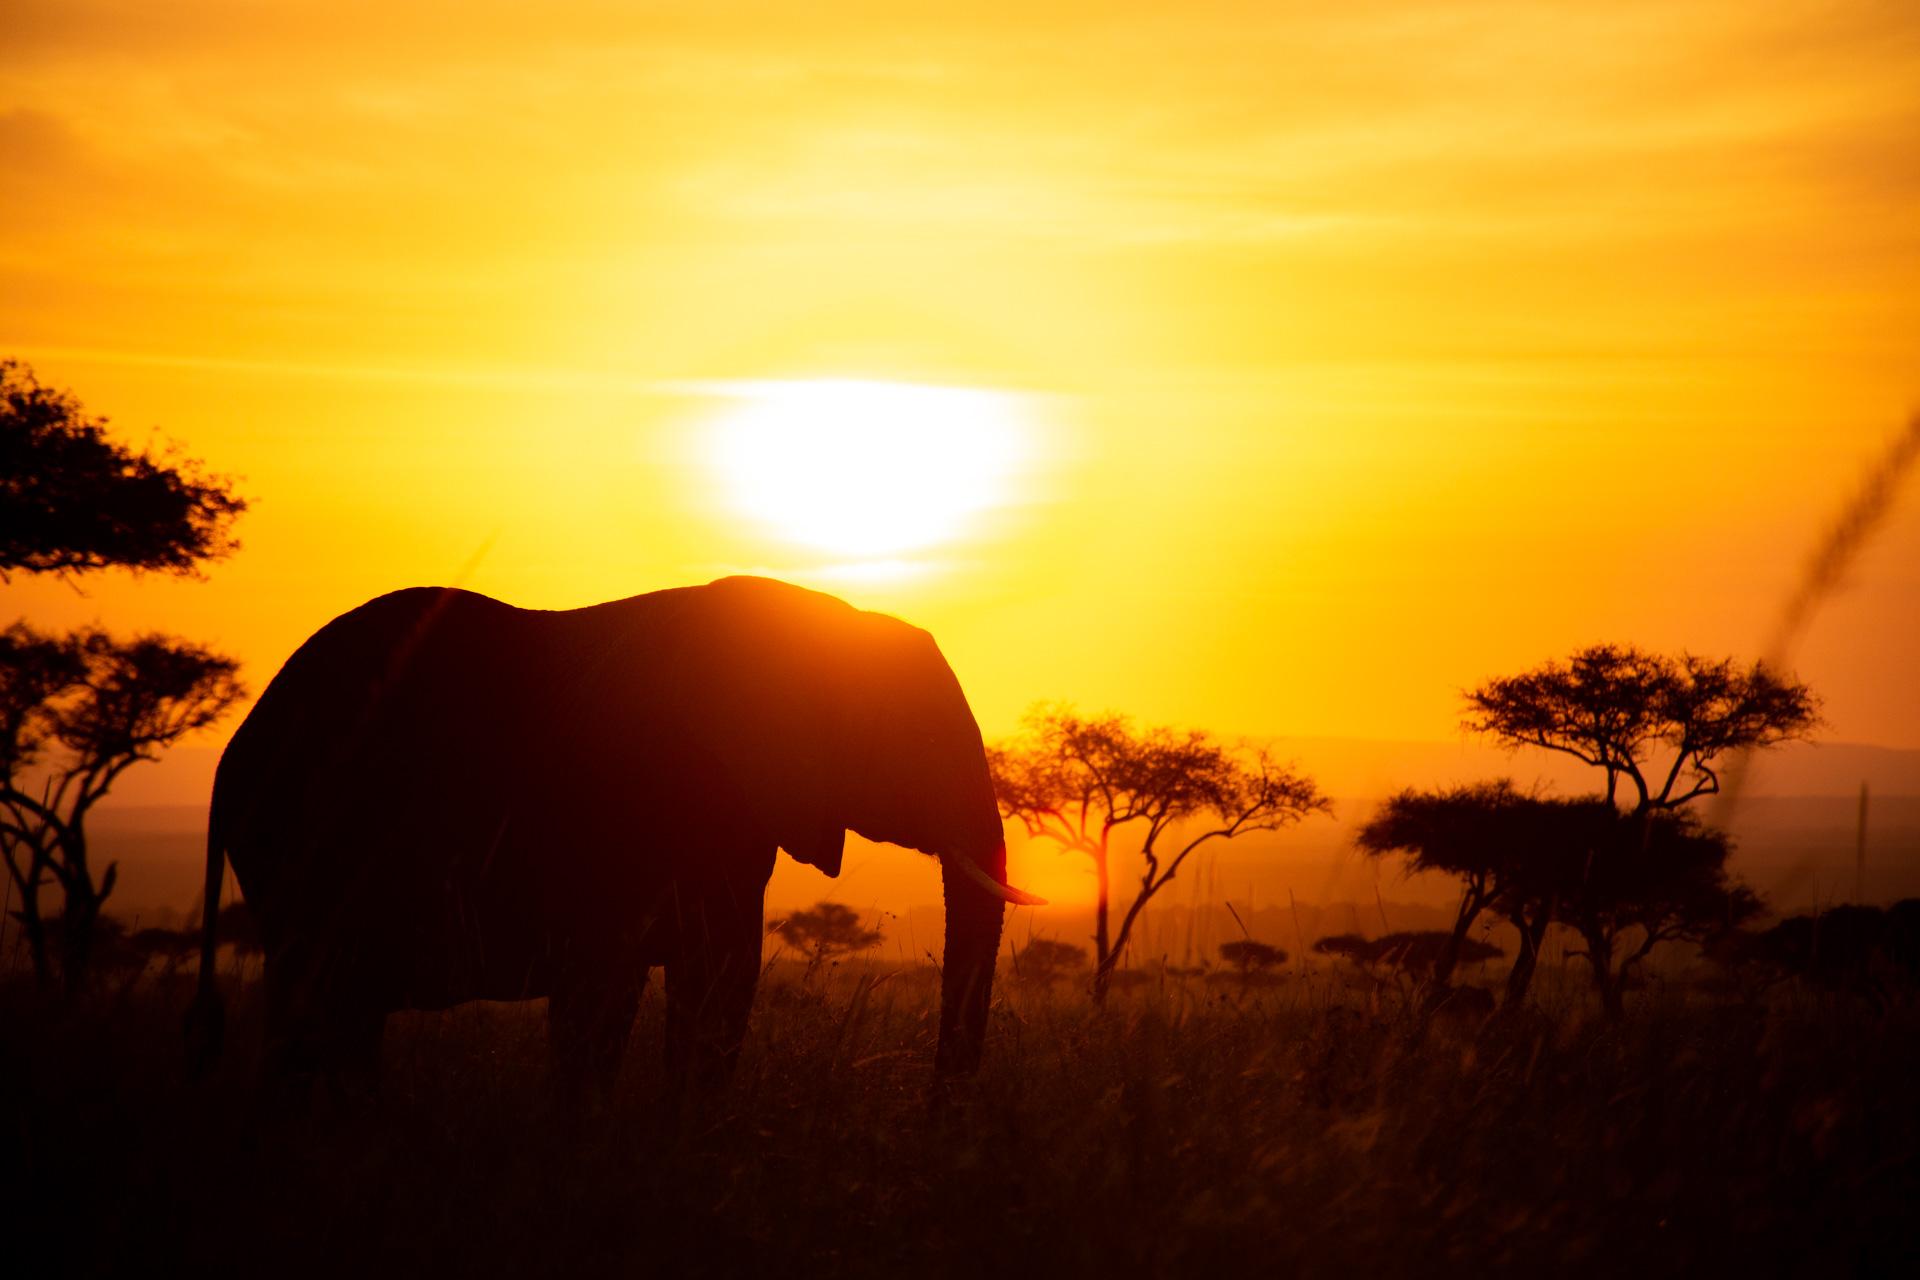 Close up of elephant at sunrise